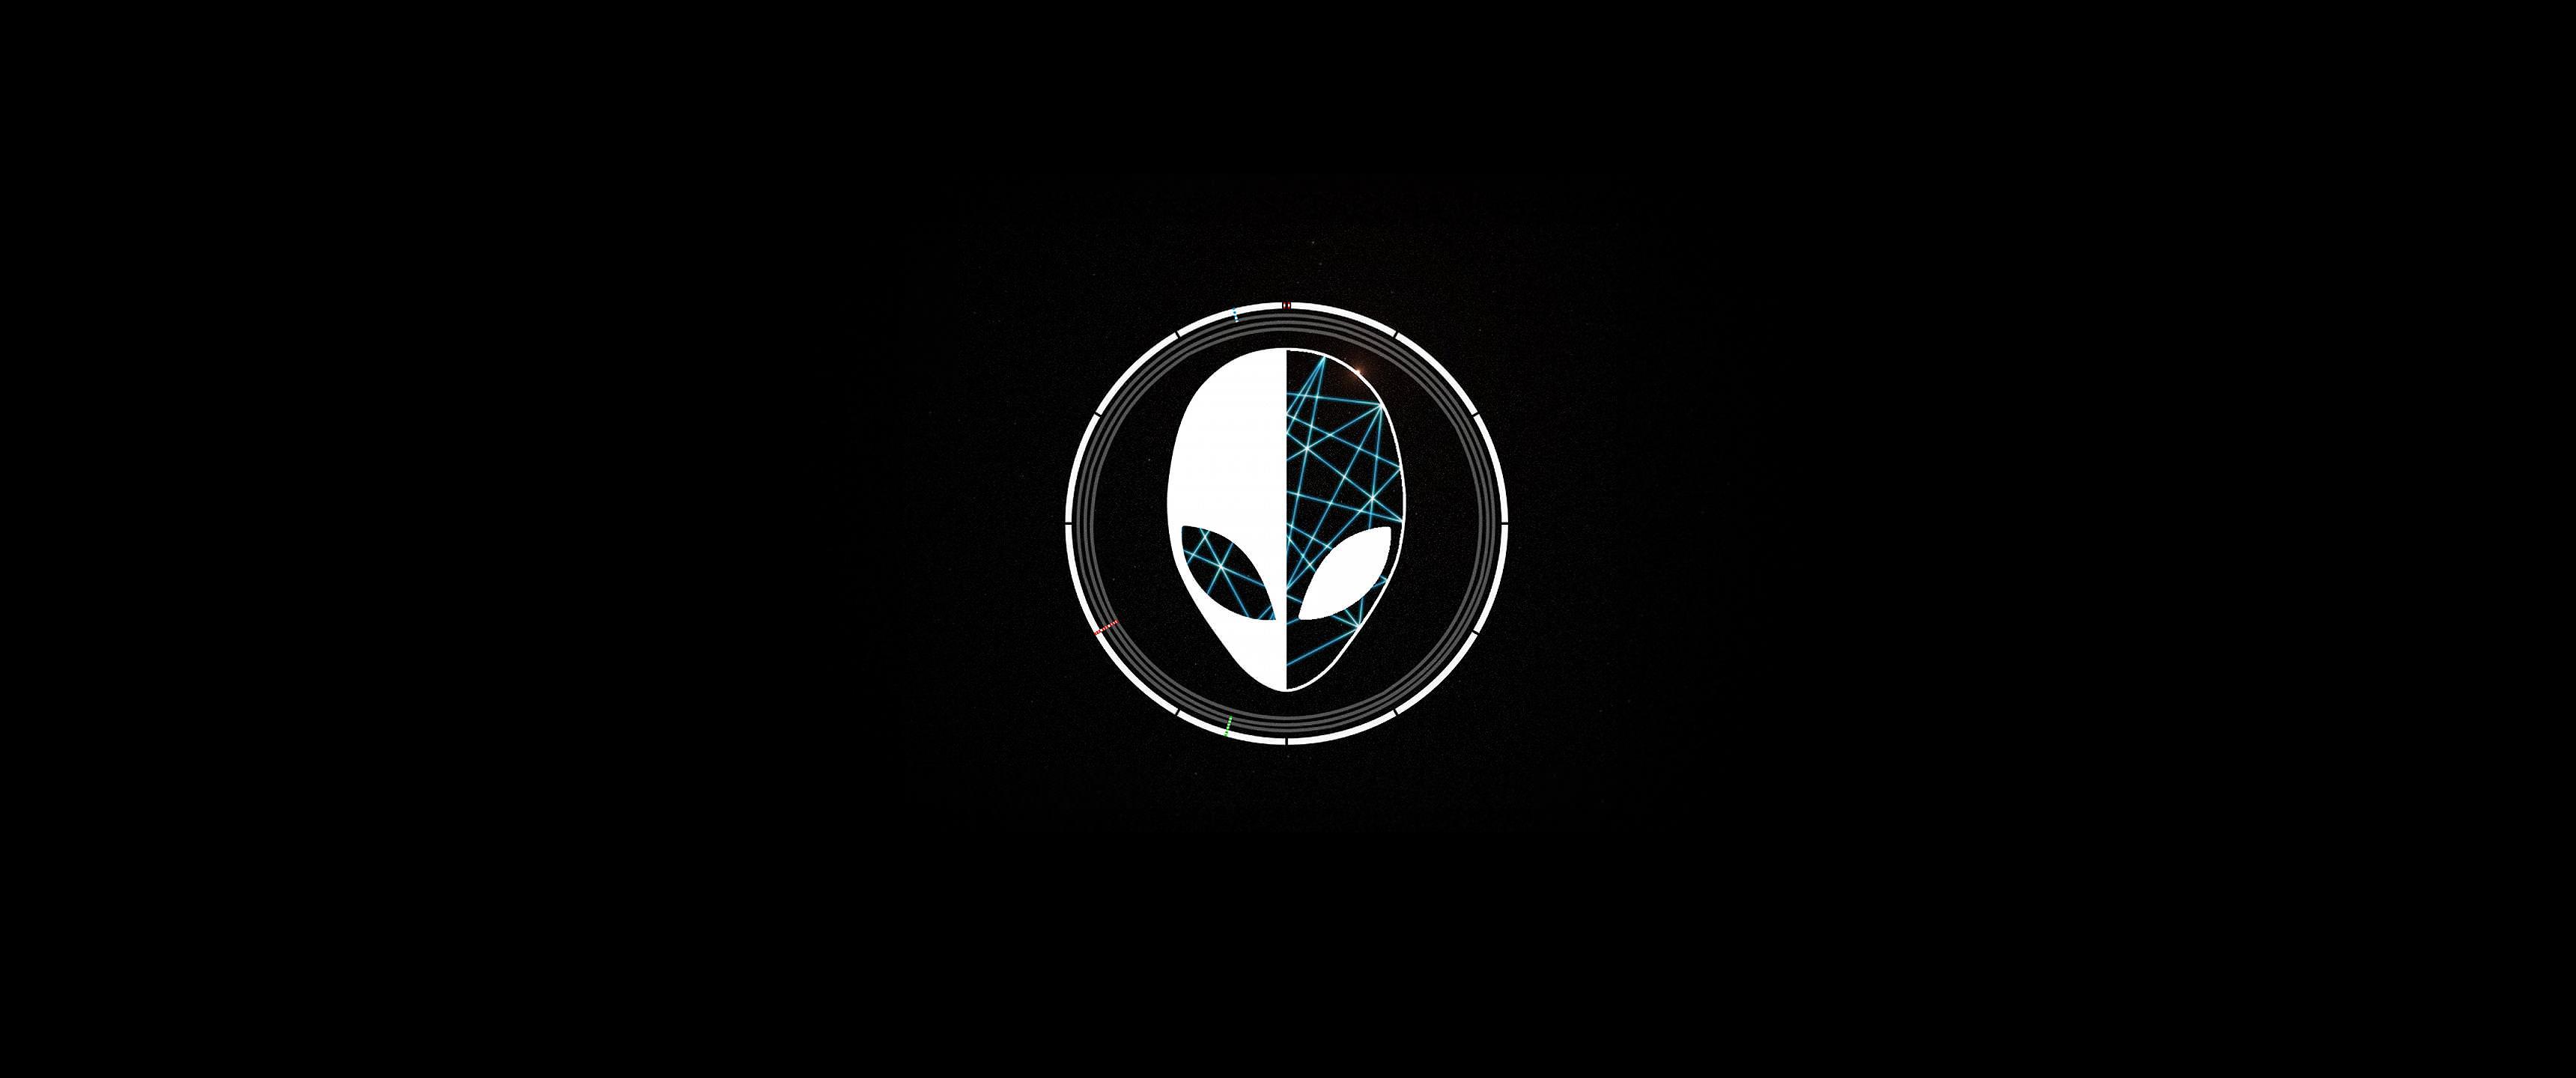 Black Alienware Wallpapers - Top Free